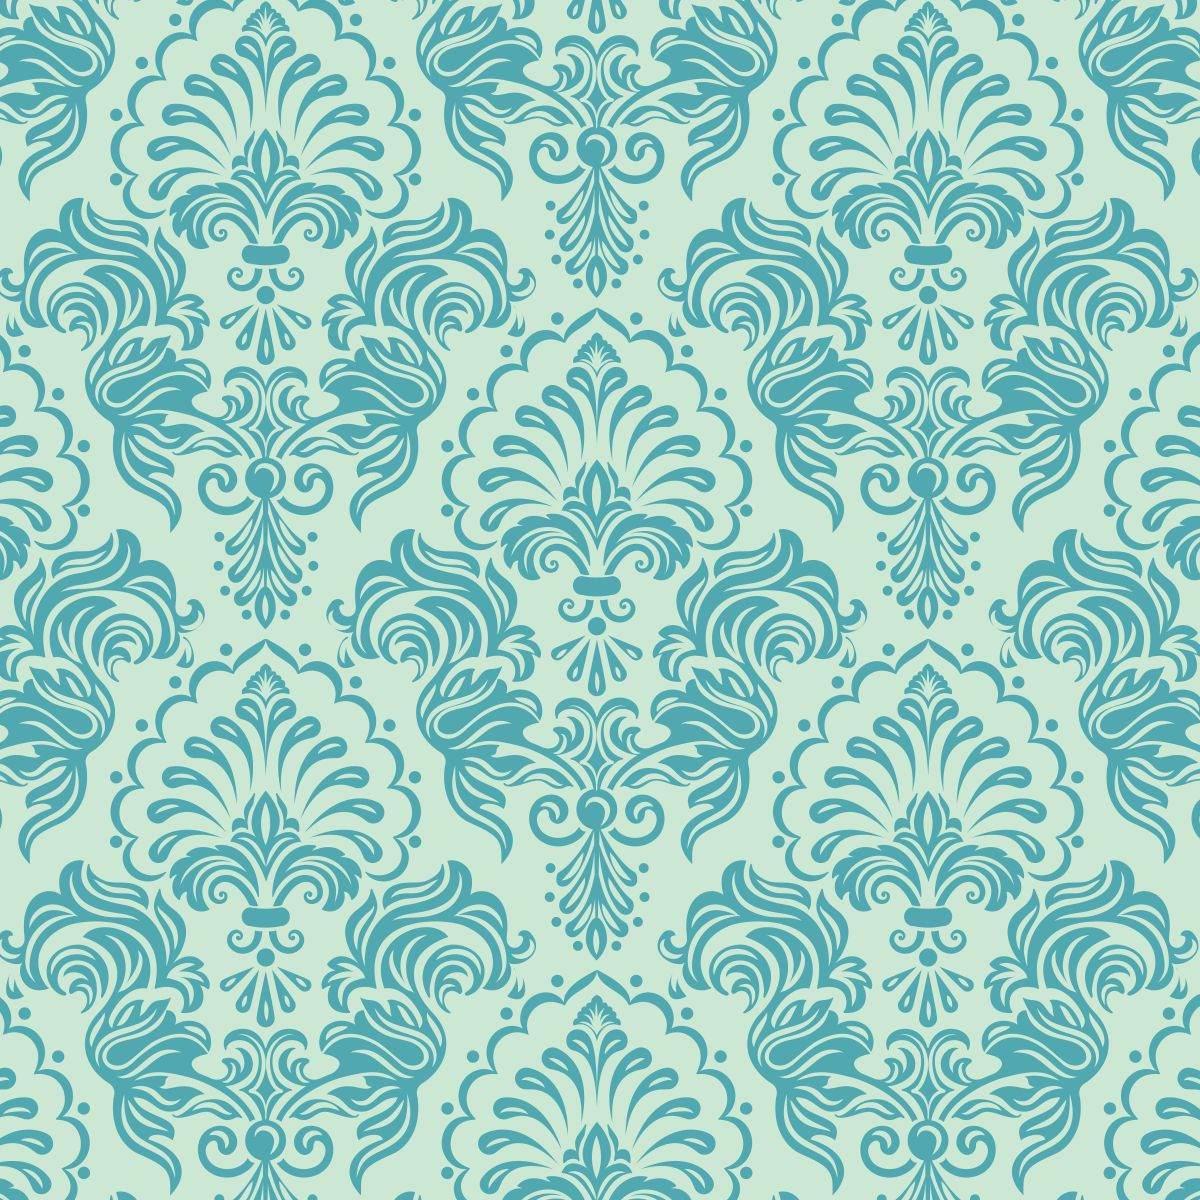 Papel De Parede Quarto E Sala Arabesco 7 Tiffany E Azul Ades R  ~ Papel De Parede Azul Tiffany Quarto